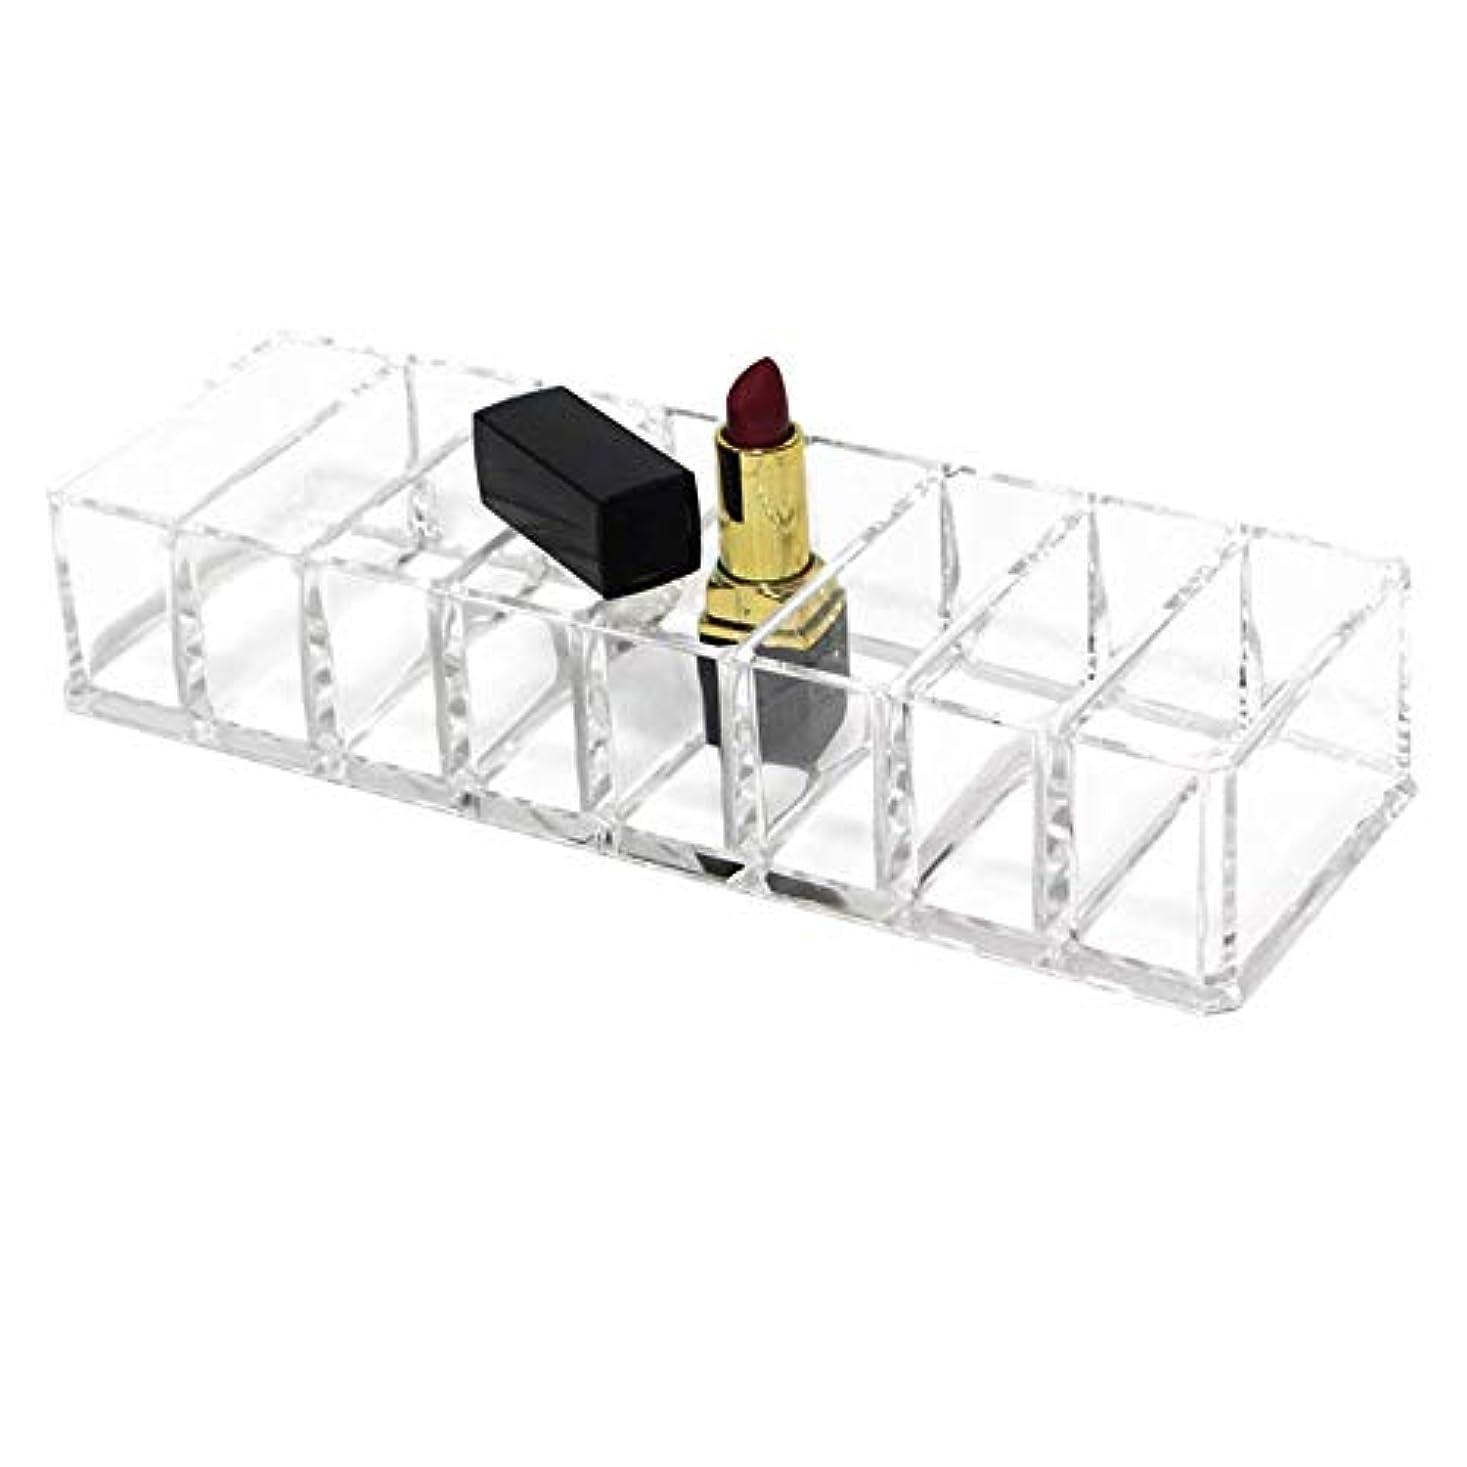 スペシャリスト初期火整理簡単 化粧品オーガナイザードレッシングテーブルやカウンタートップ用化粧品オーガナイザー口紅アイシャドウなど (Color : Clear, Size : 21.5*8.7*4.3CM)